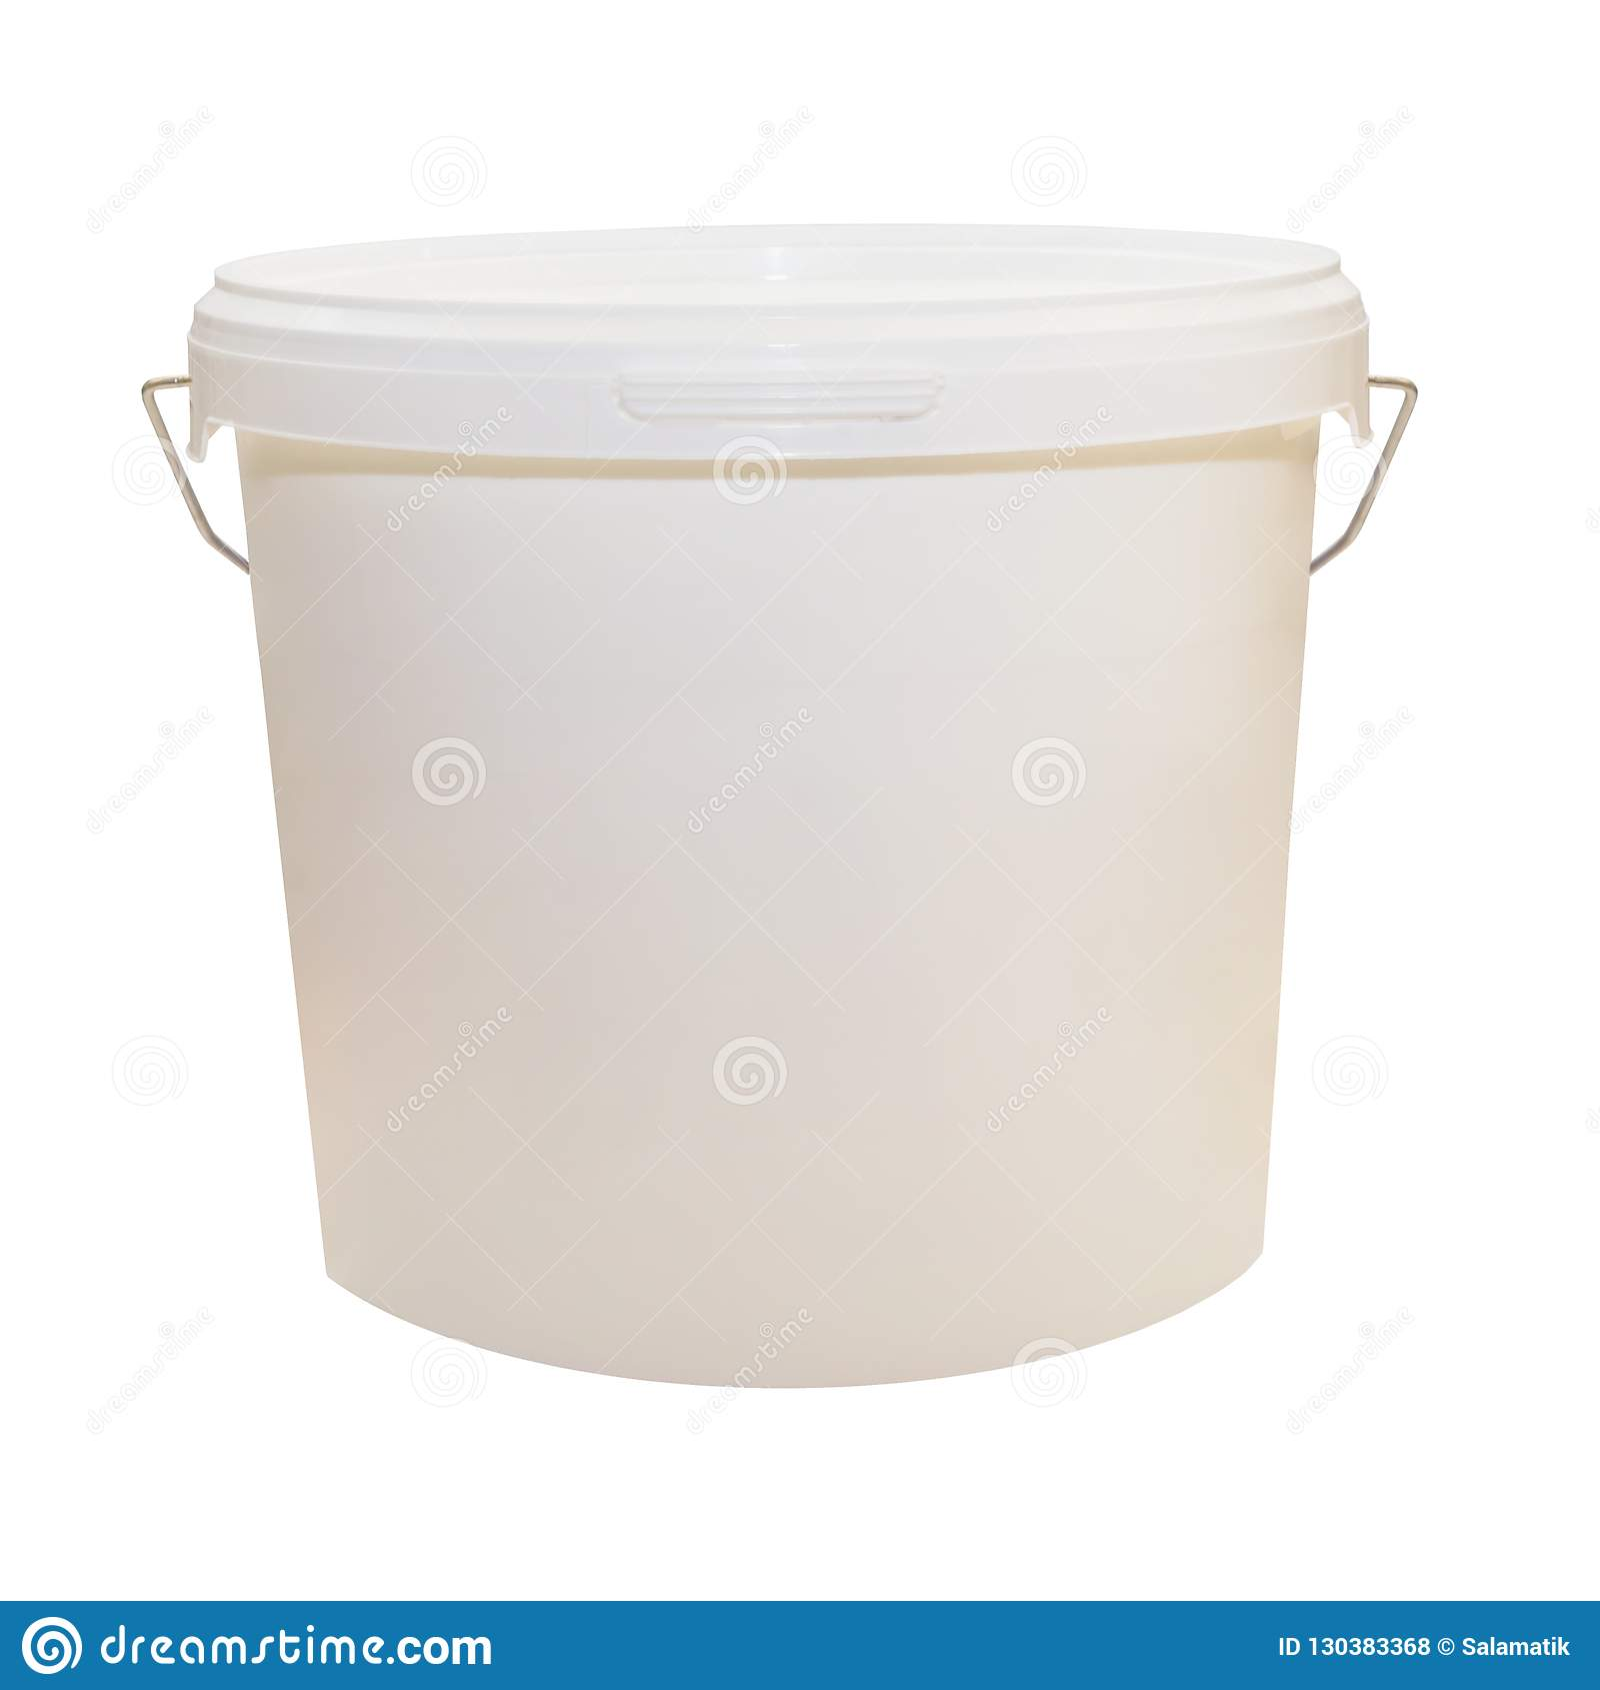 Vit Plast- Hink För Livsmedelsprodukter 39ae5ecd401ae